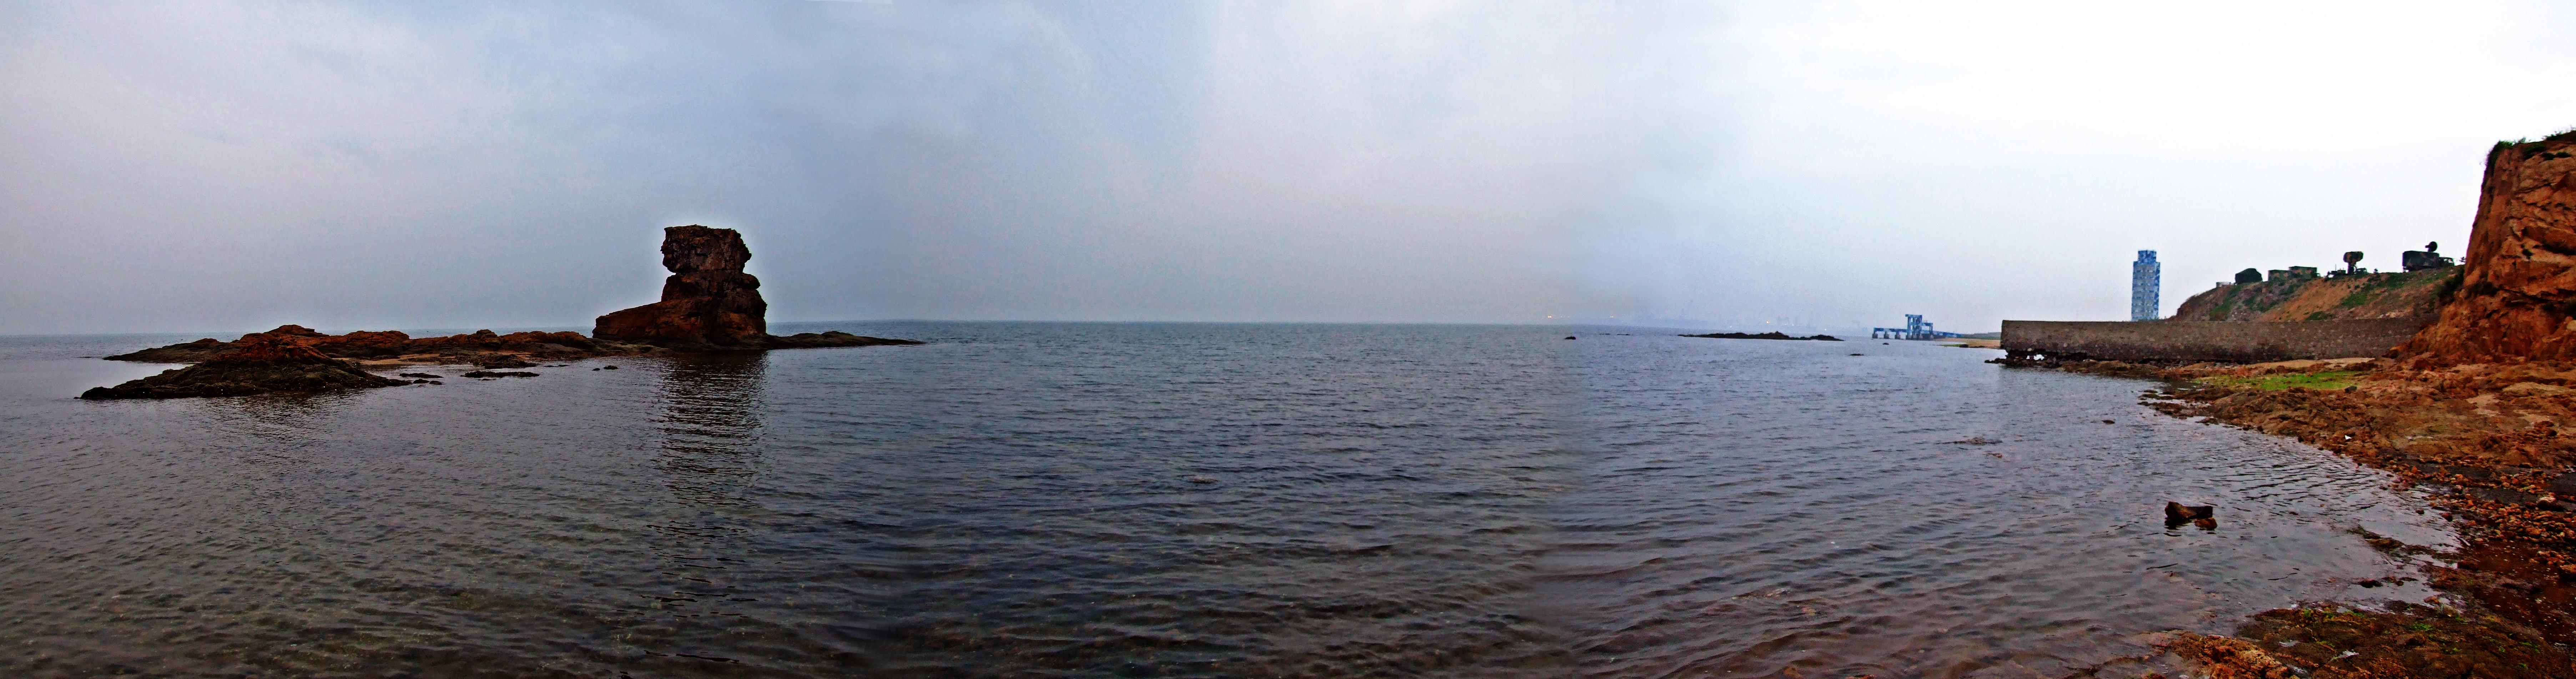 清晨那静静的渤海湾  --端午游止锚湾之二 - 侠义客 - 伊大成 的博客